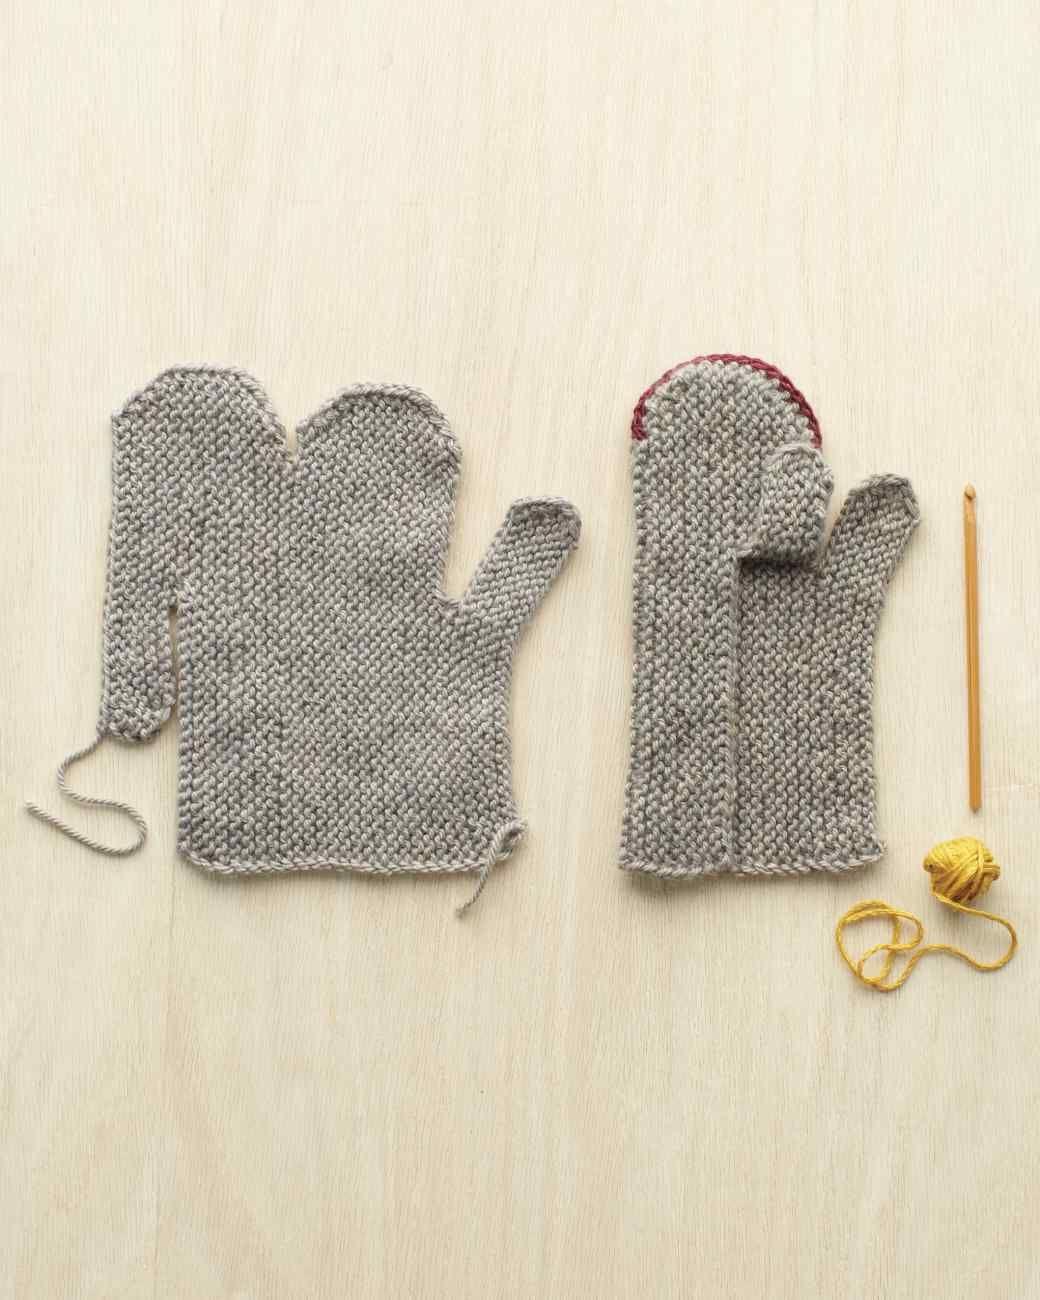 cozy mittens handschuh stricken und h keln leicht gemacht. Black Bedroom Furniture Sets. Home Design Ideas